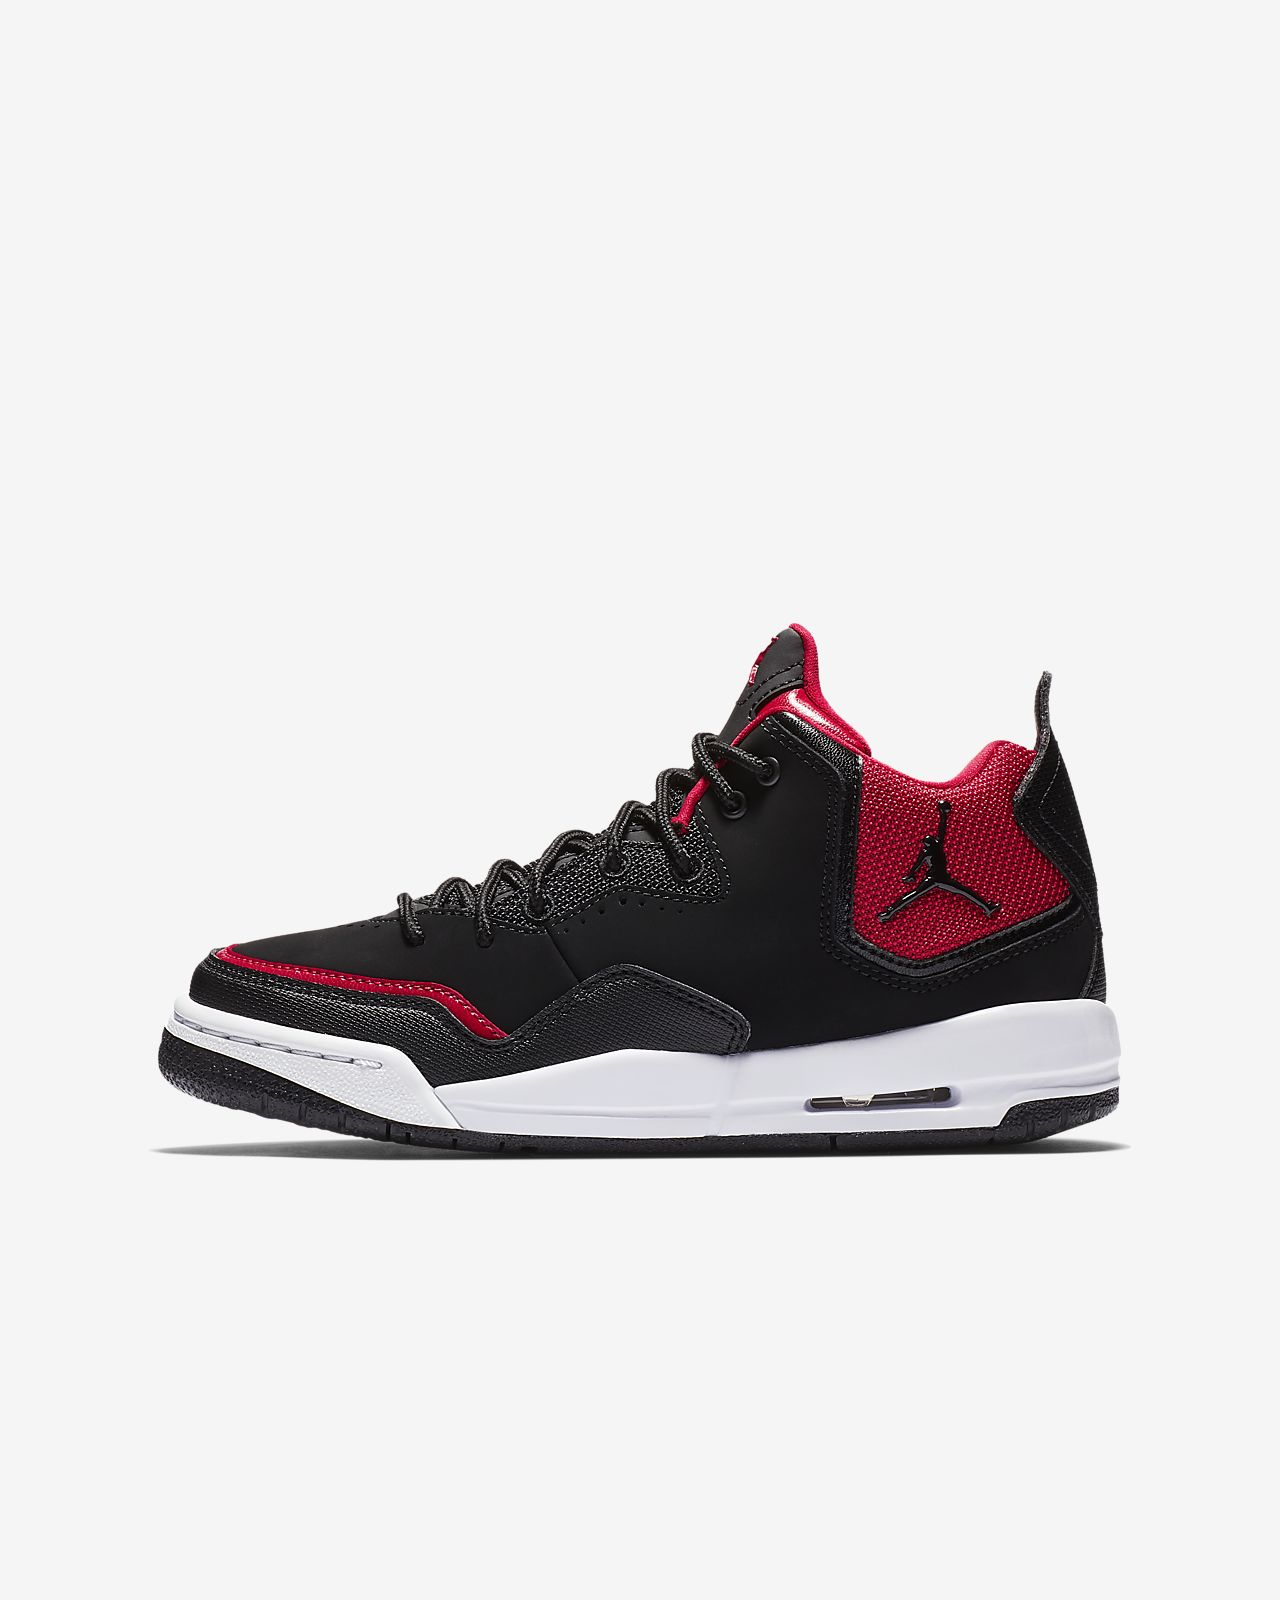 new concept d0cfe 1743b ... Chaussure Jordan Courtside 23 pour Enfant plus âgé